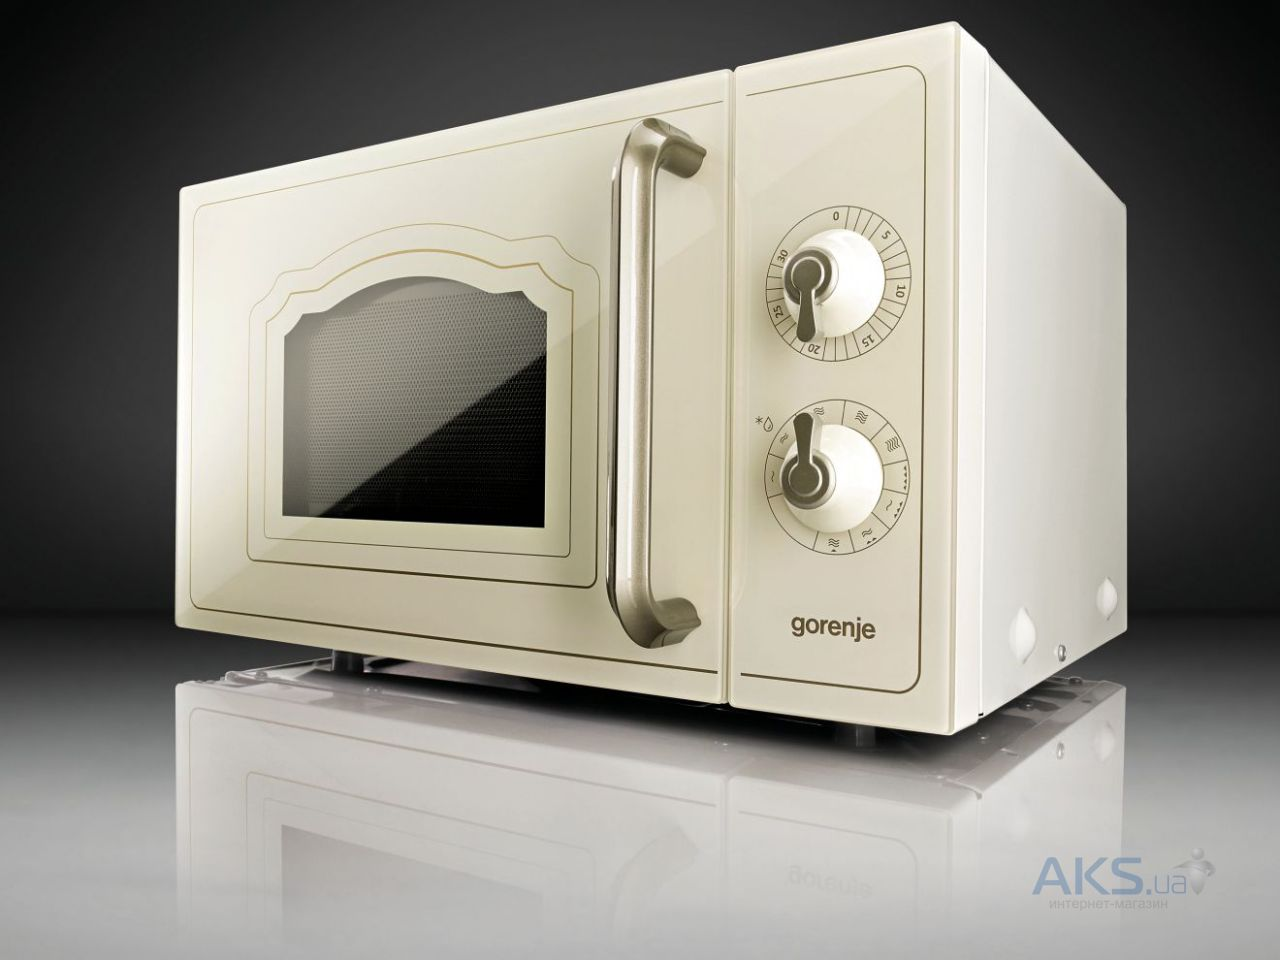 микроволновая печь gorenje mo4250cli инструкция